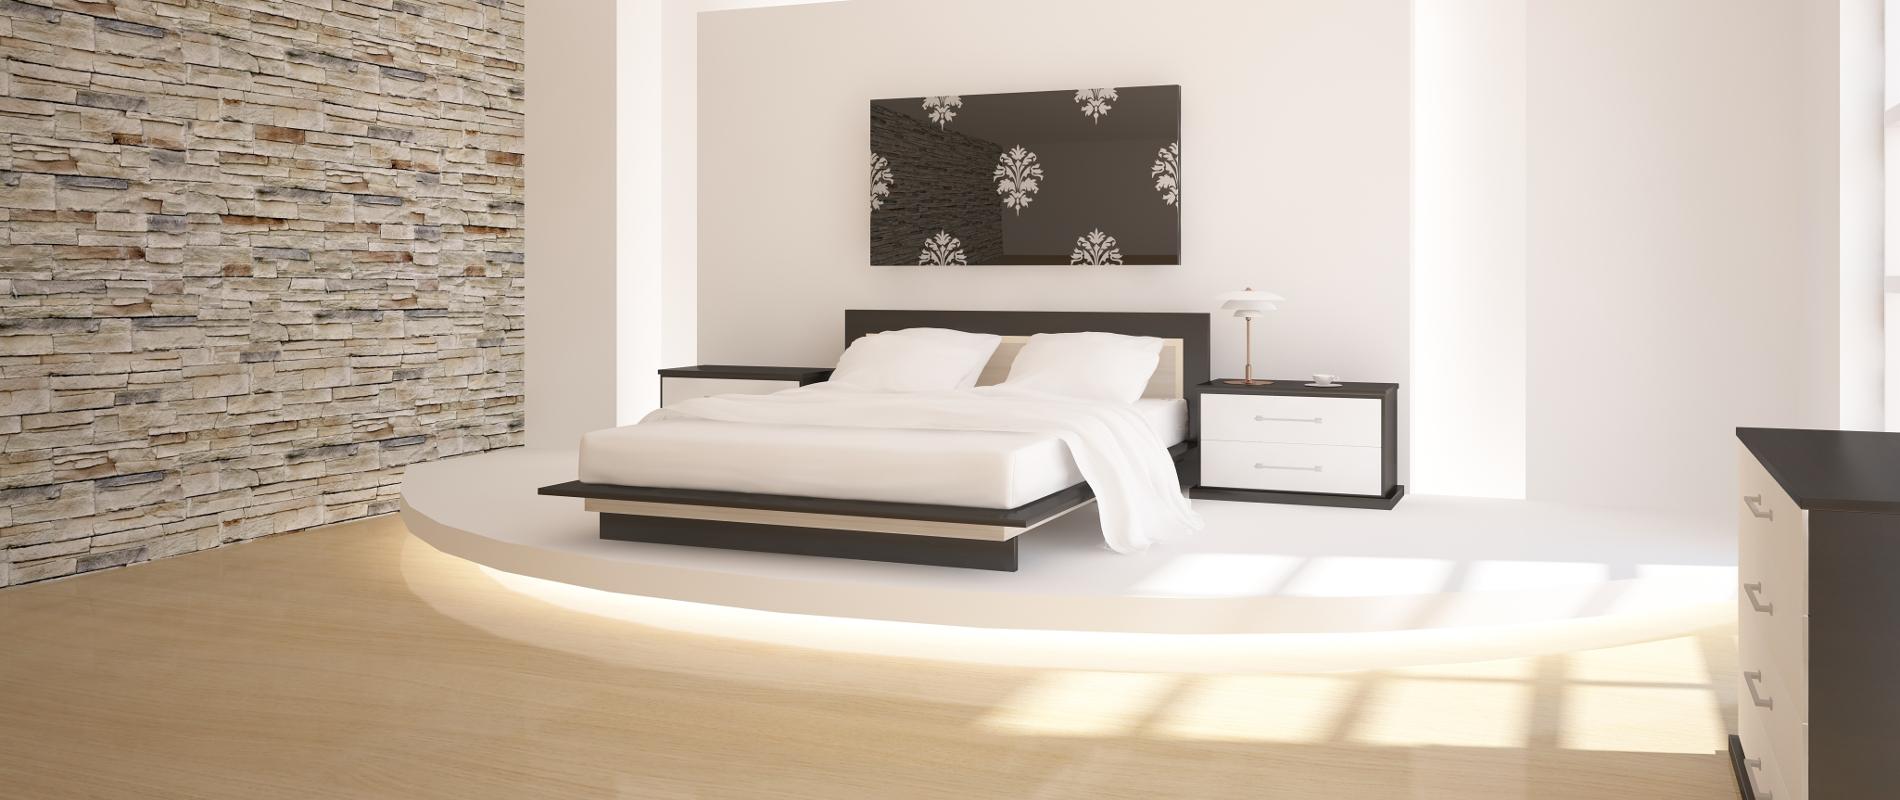 Ristrutturazione camera da letto - Preventivi ristrutturazione